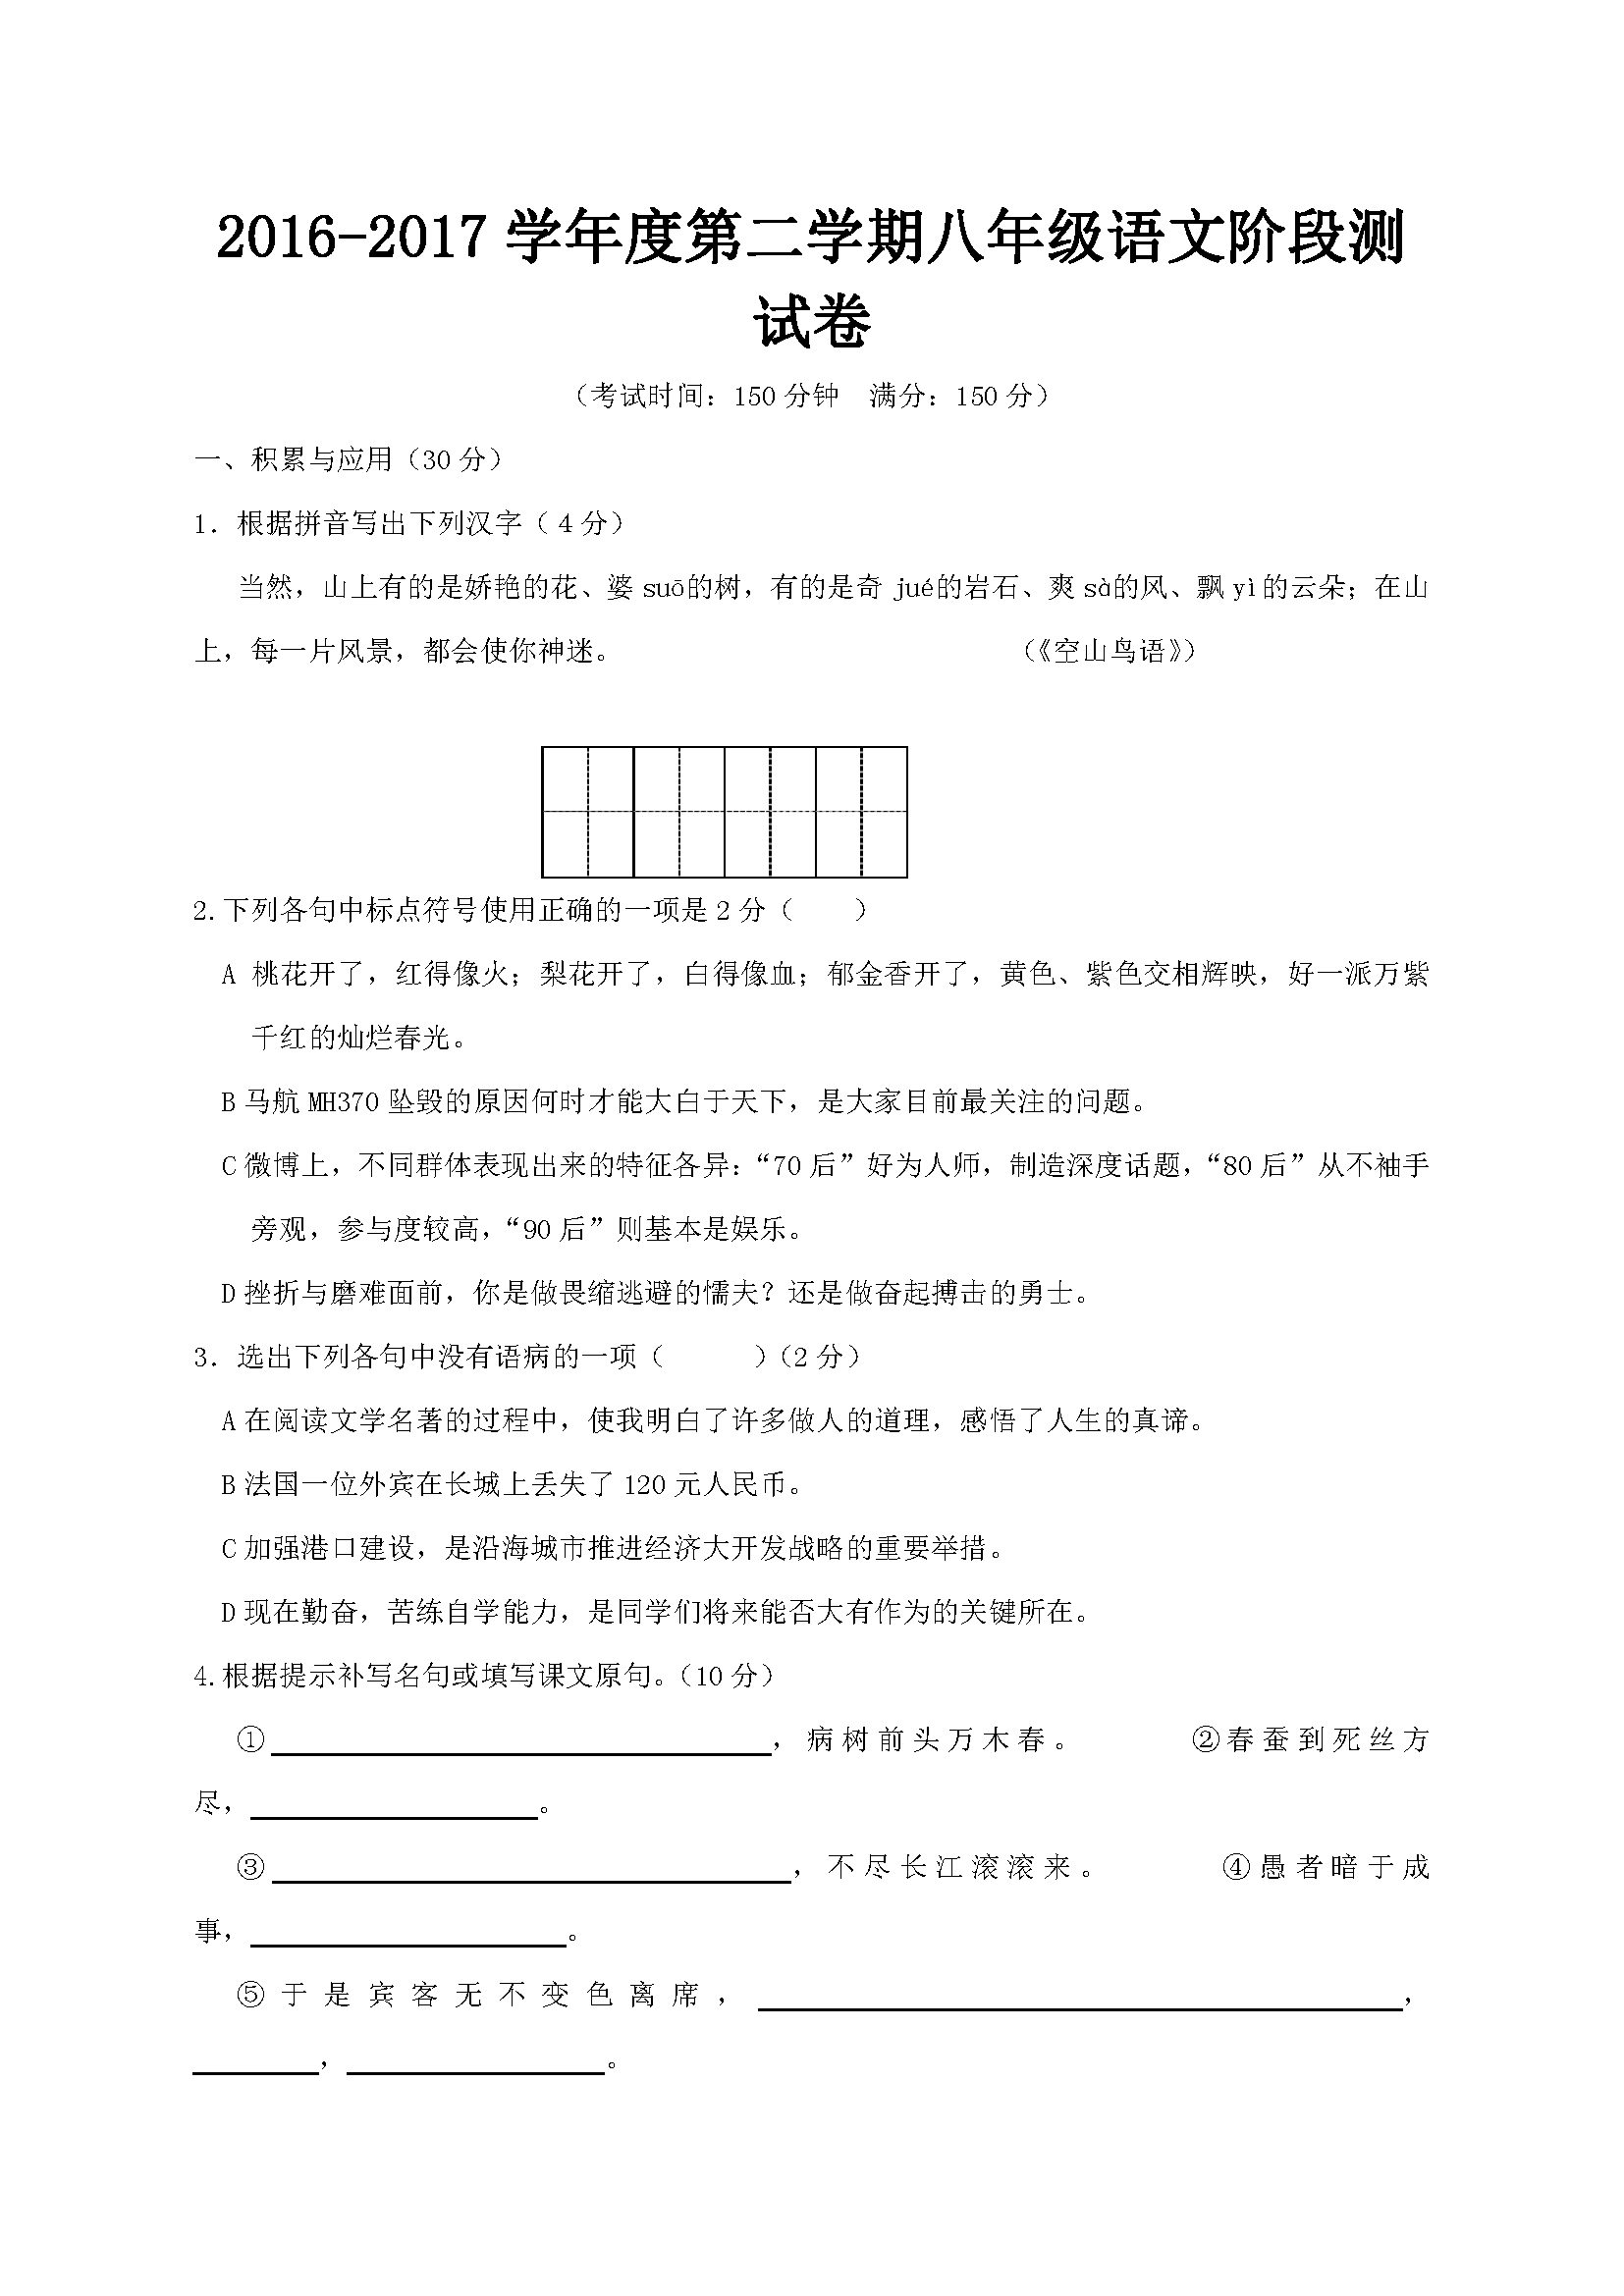 江苏泰州姜堰实验初级中学2016-2017学年八年级下第二次月考语文试题 (Word版)